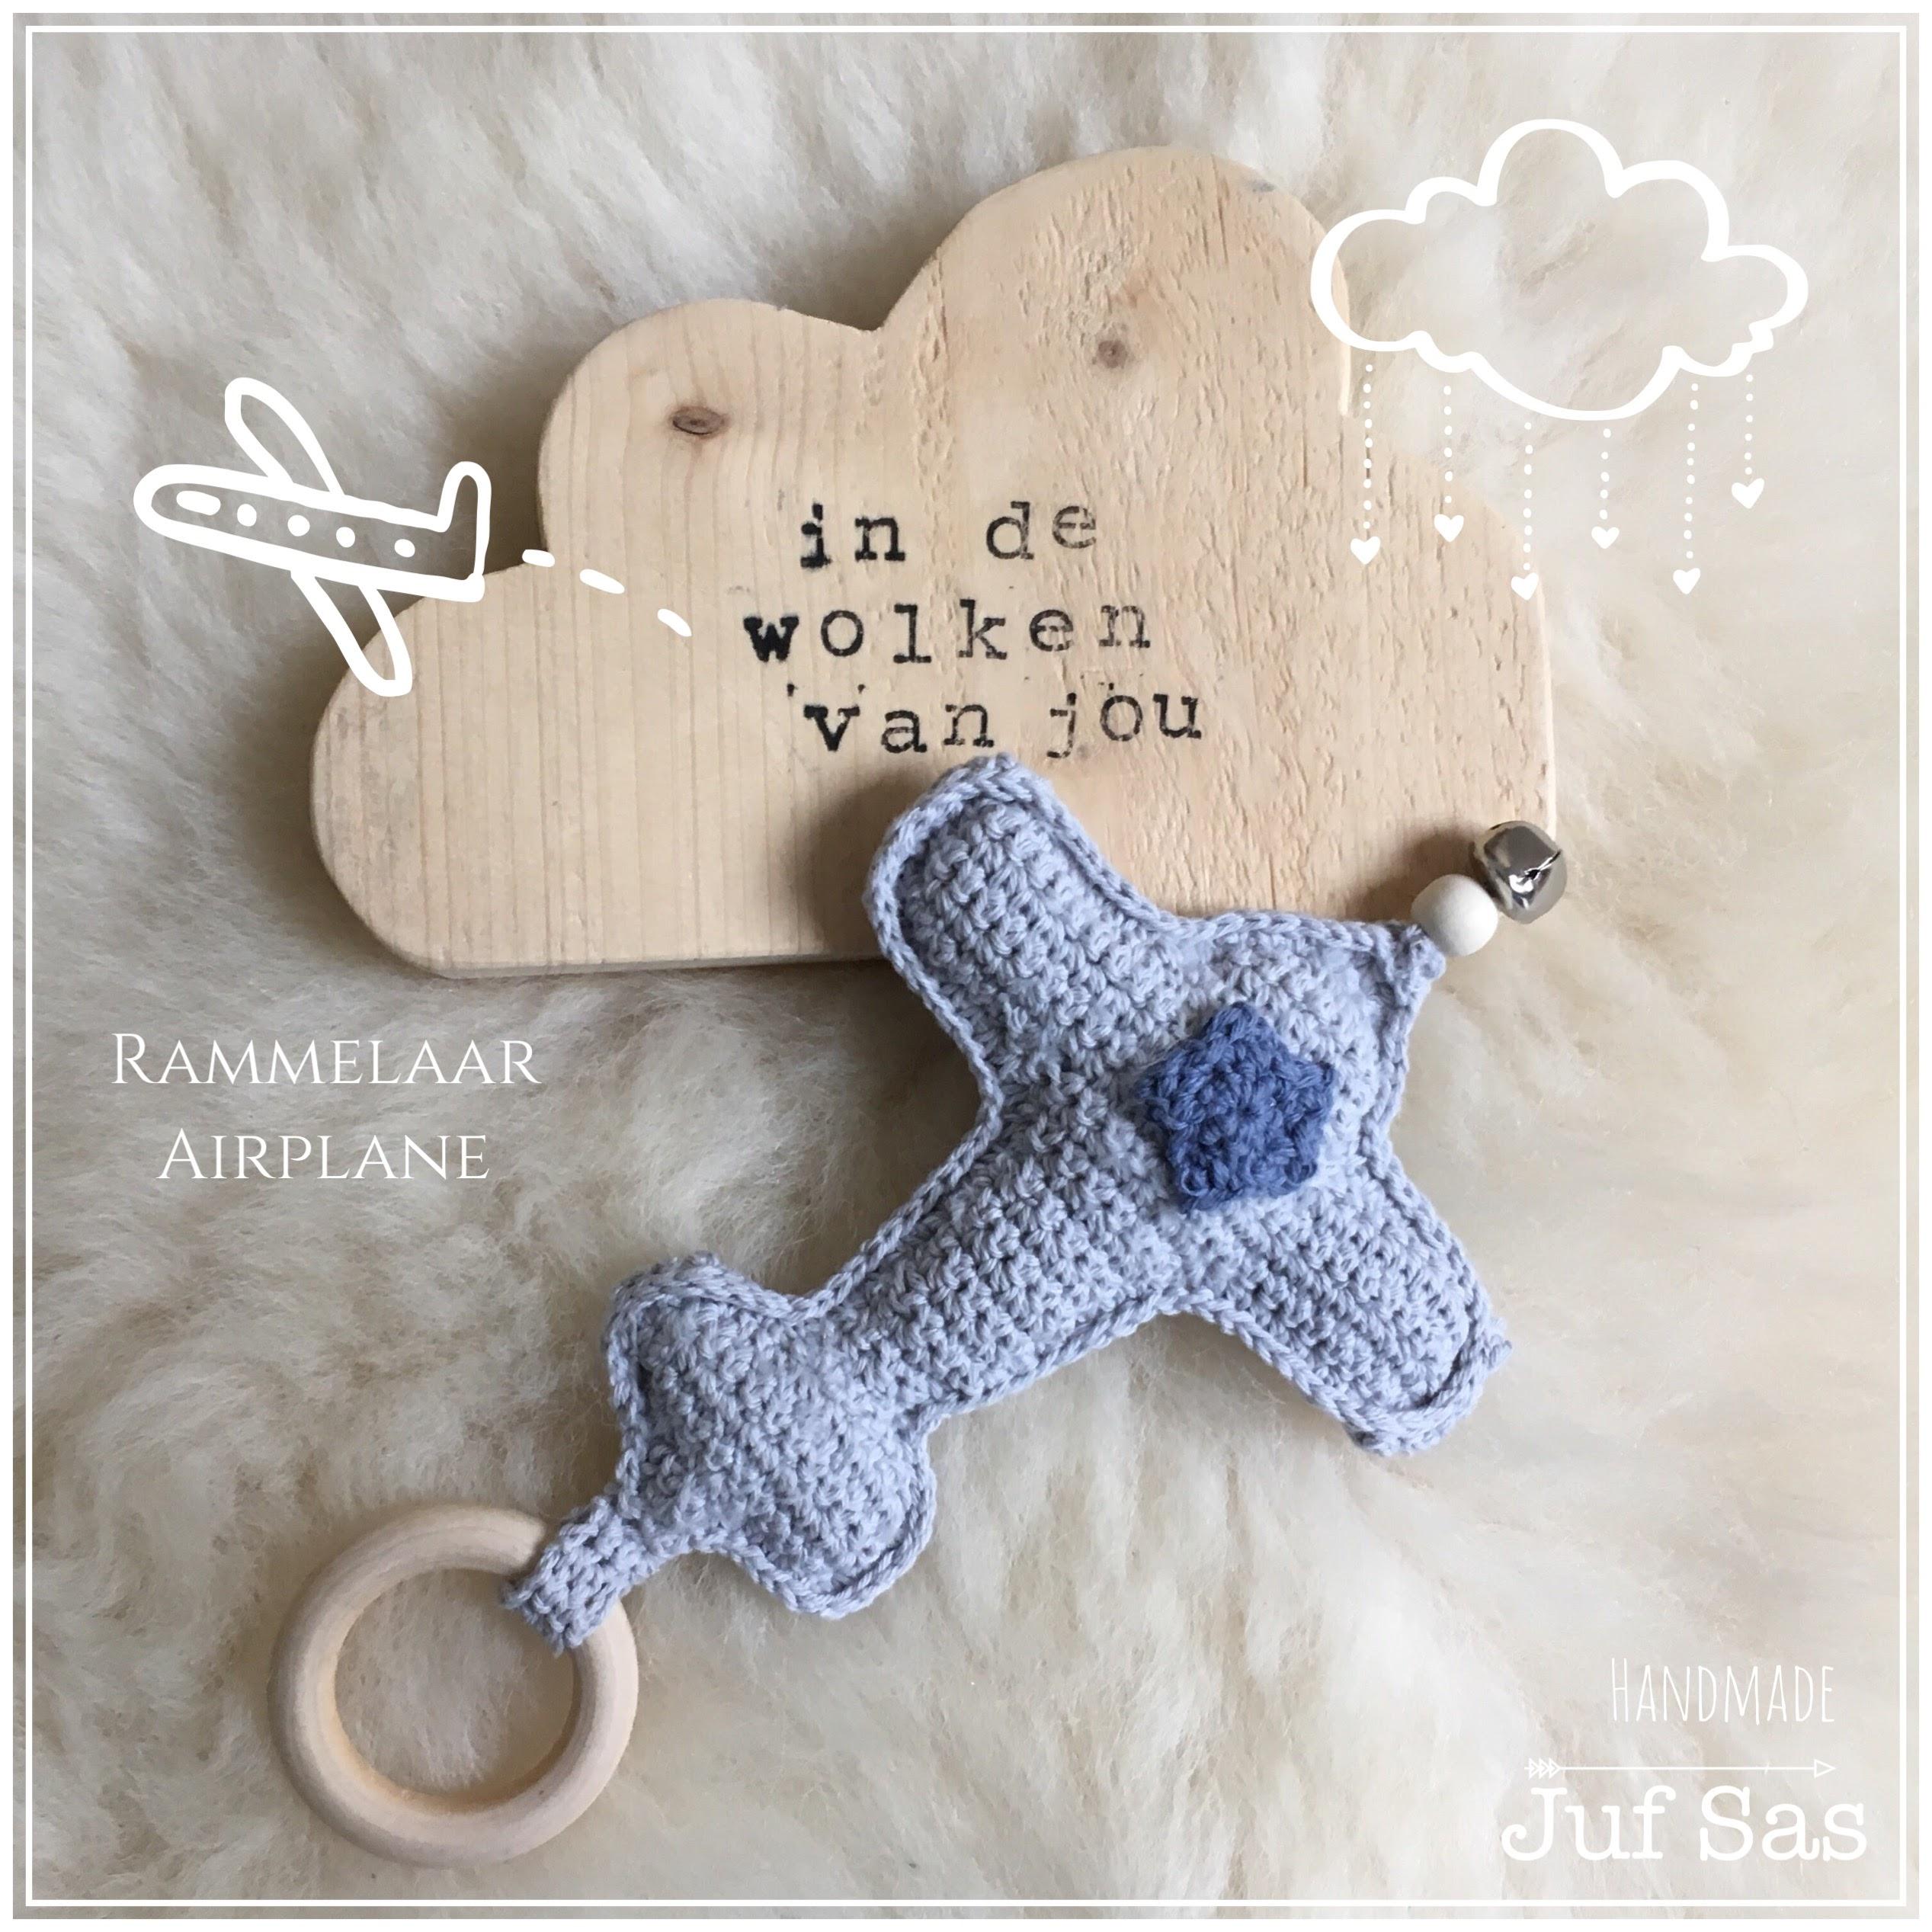 Gehaakte Rammelaar Airplane Handmade By Juf Sas Met Gratis Patroon